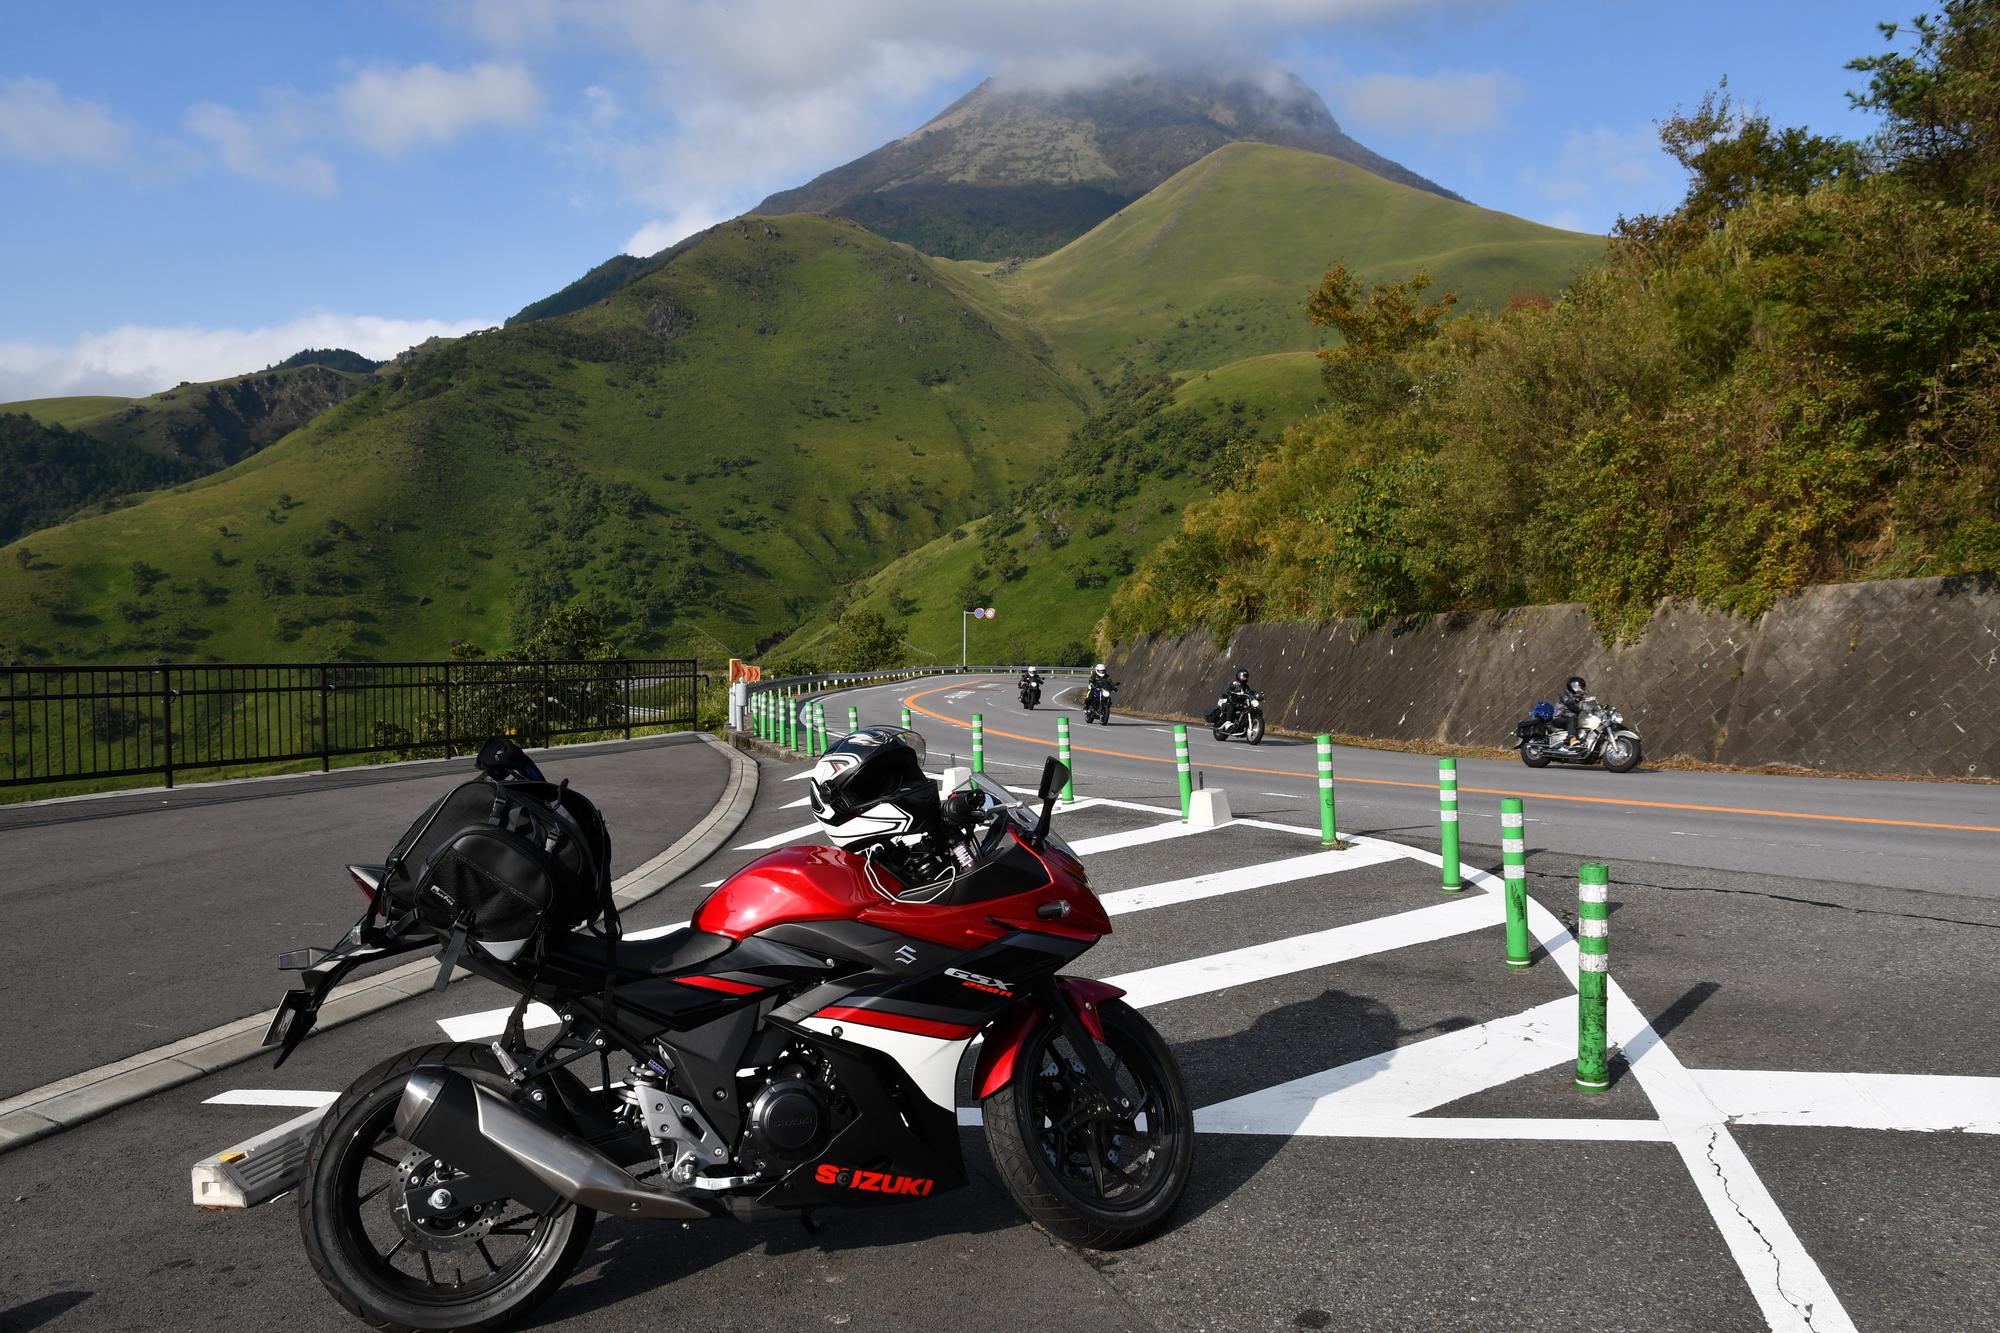 普通二輪車免許では使い勝手の良い中型バイクを運転できる